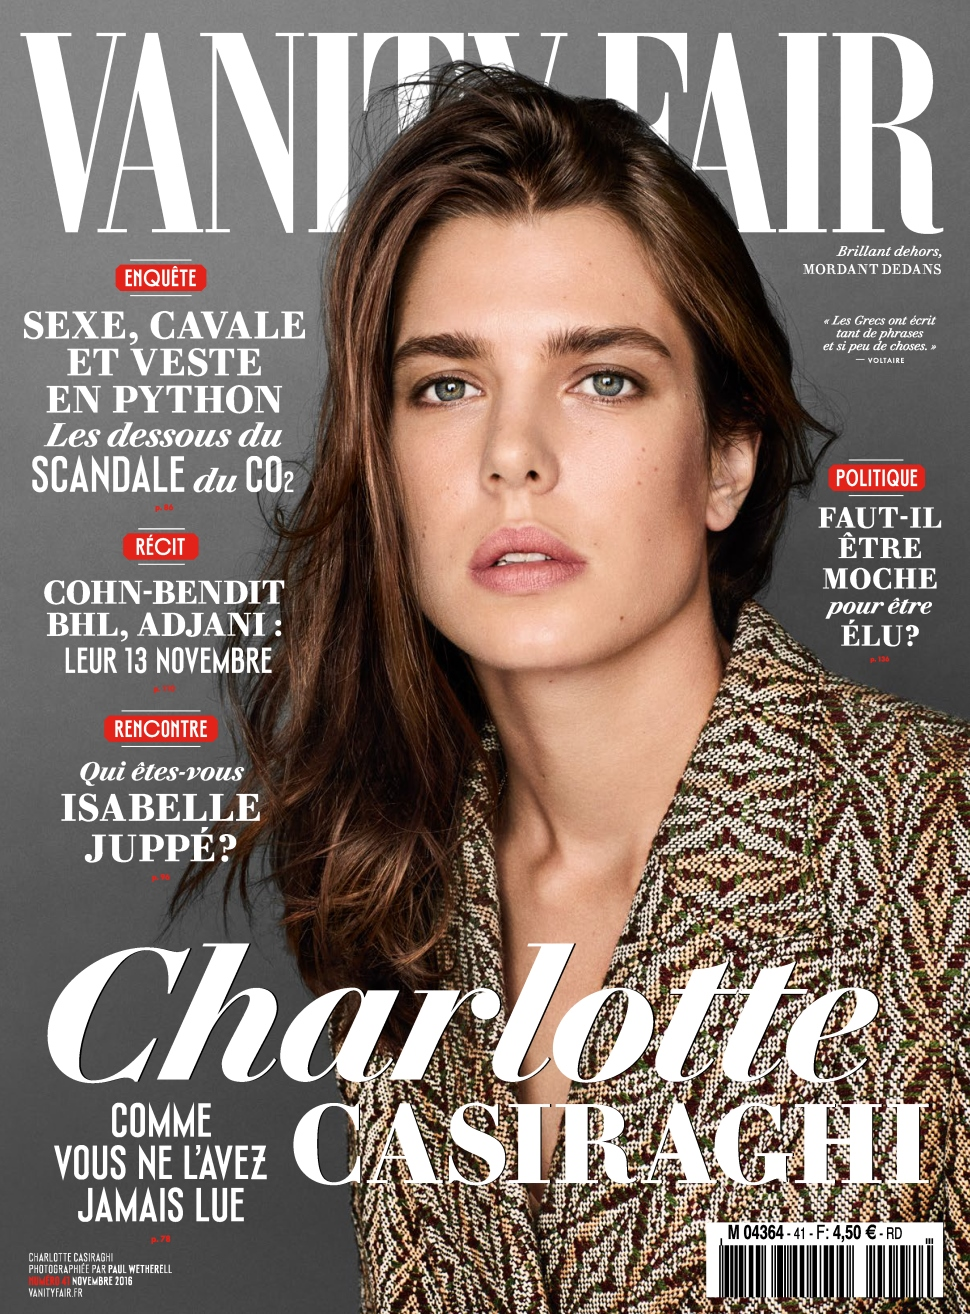 Vanity Fair France 41 - Novembre 2016